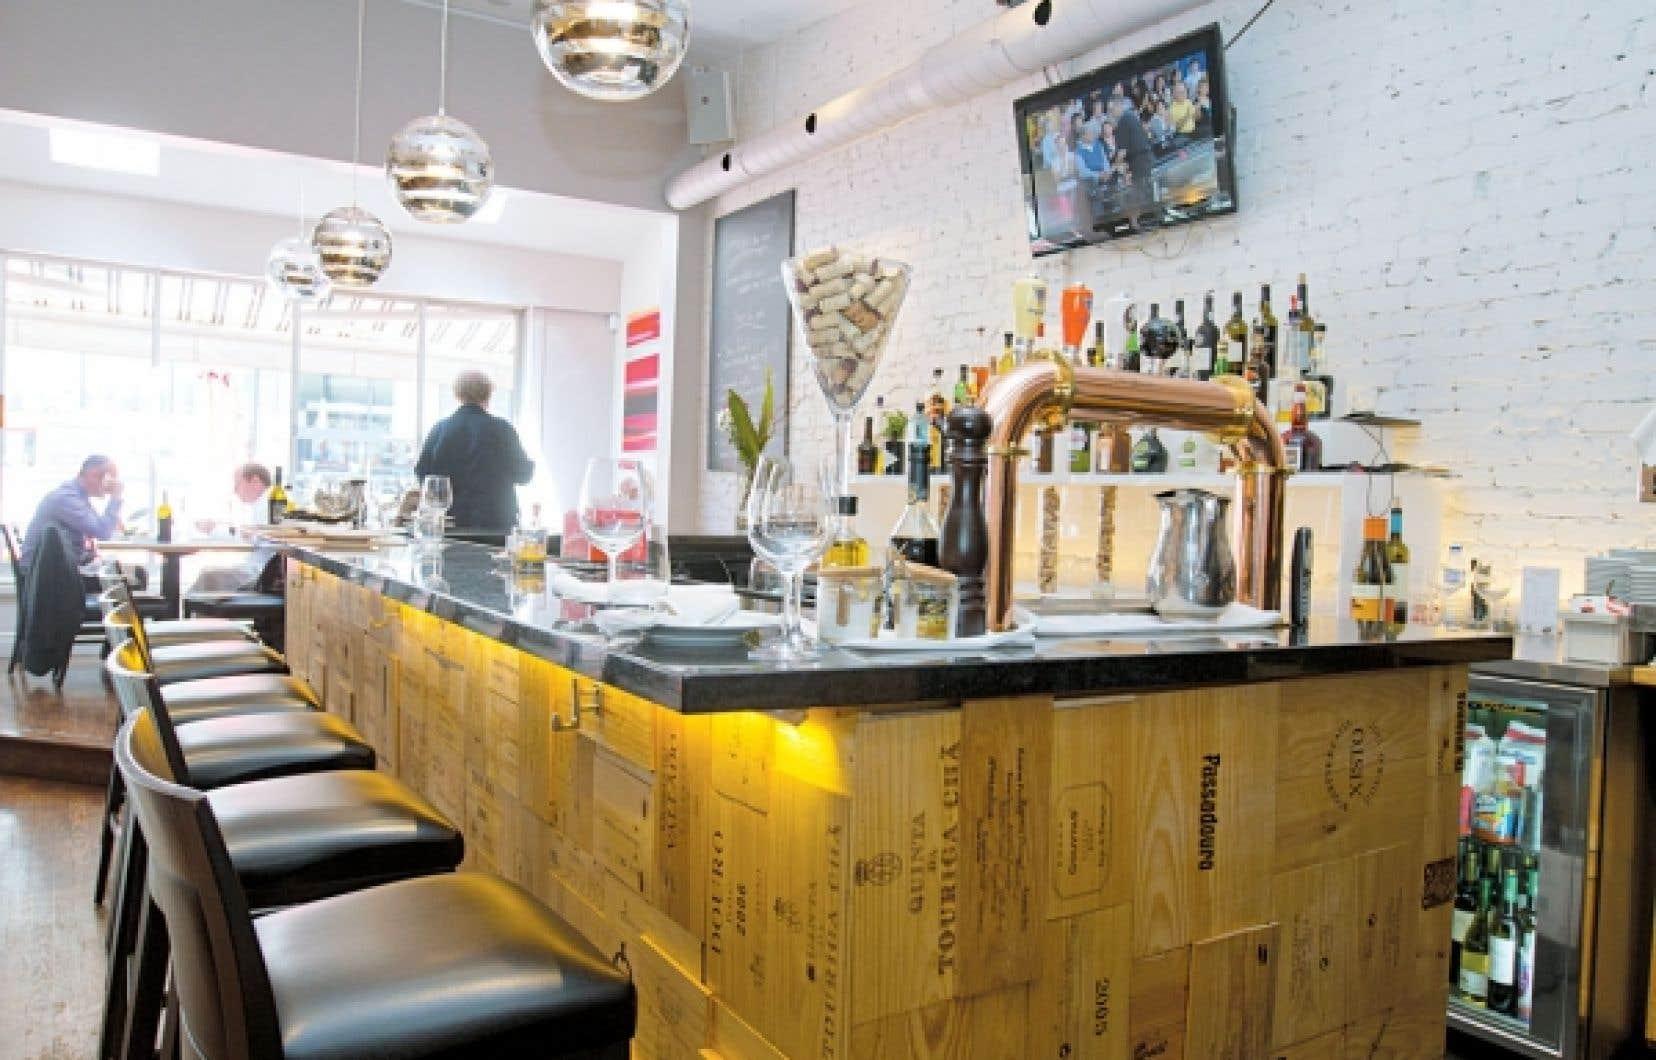 Le restaurant Boca Iberica, à Montréal, propose une découverte culinaire des plus intéressantes.